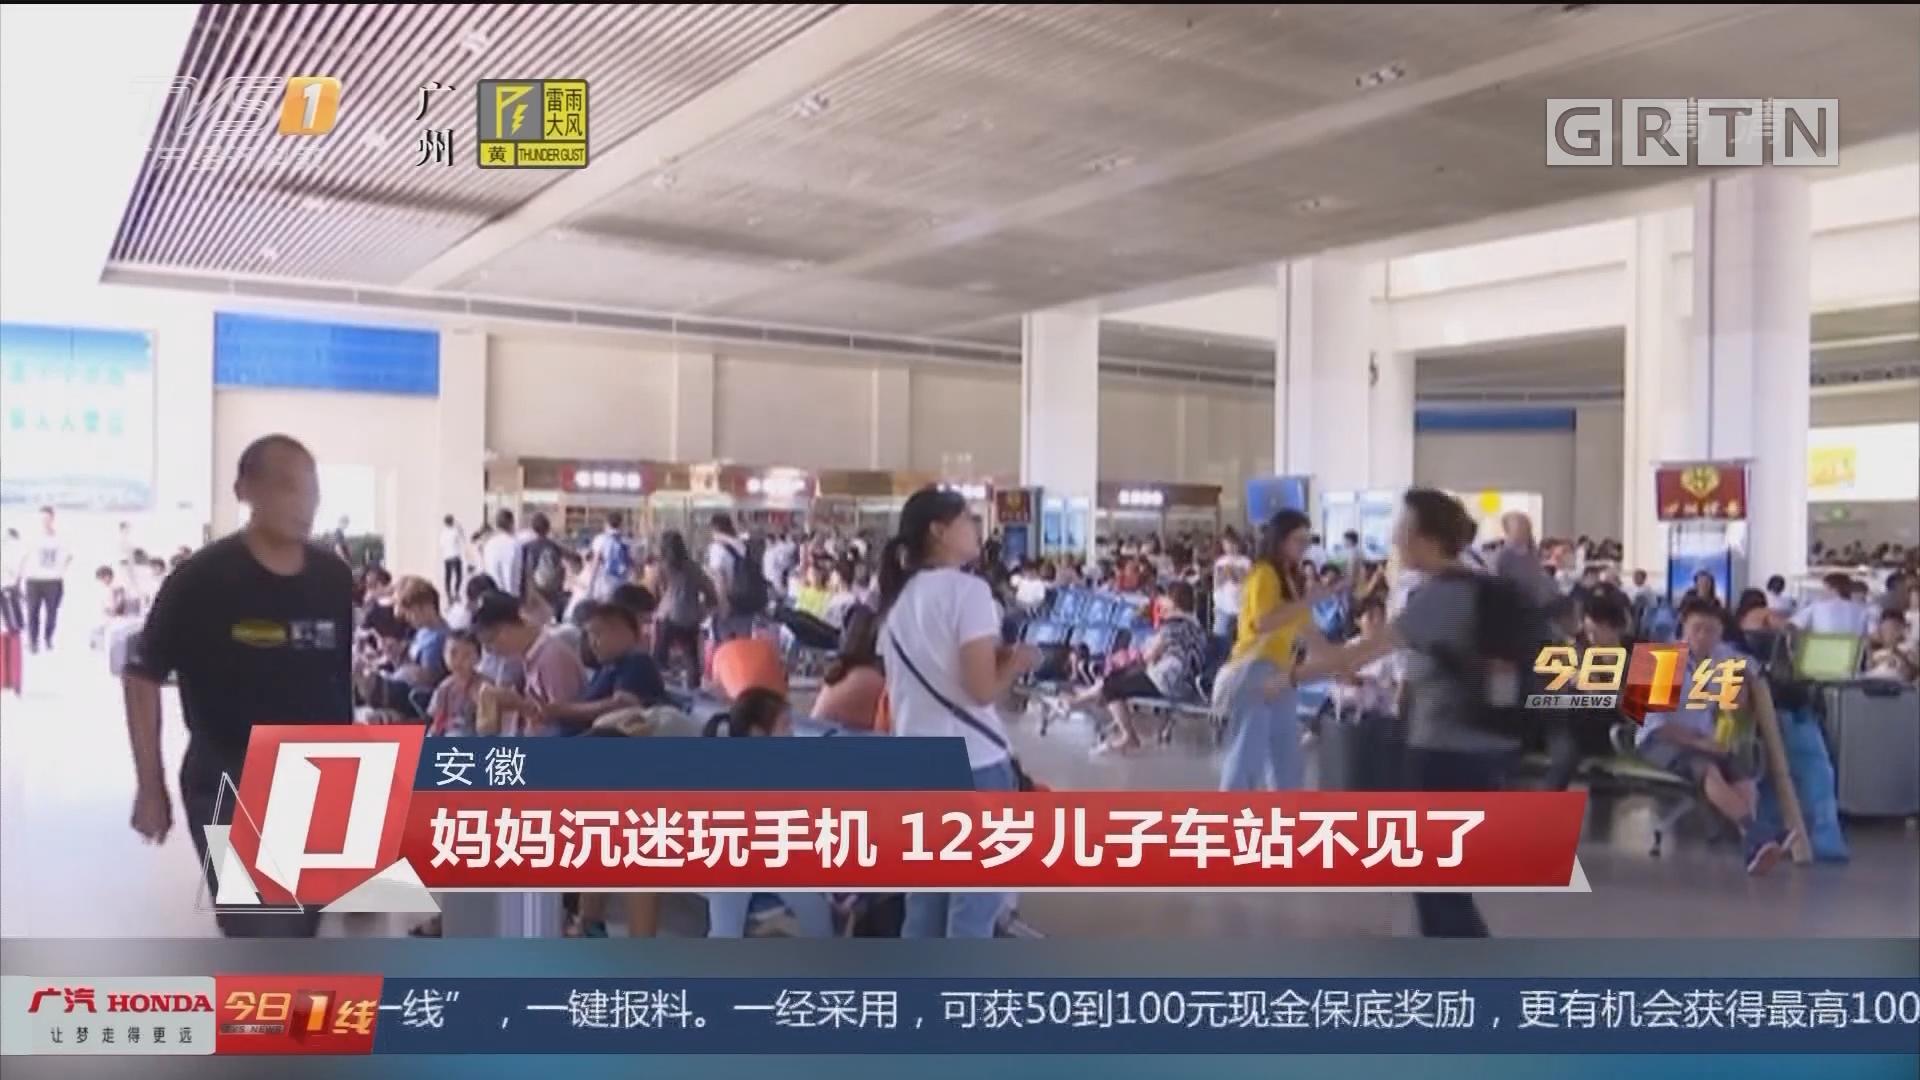 安徽:妈妈沉迷玩手机 12岁儿子车站不见了